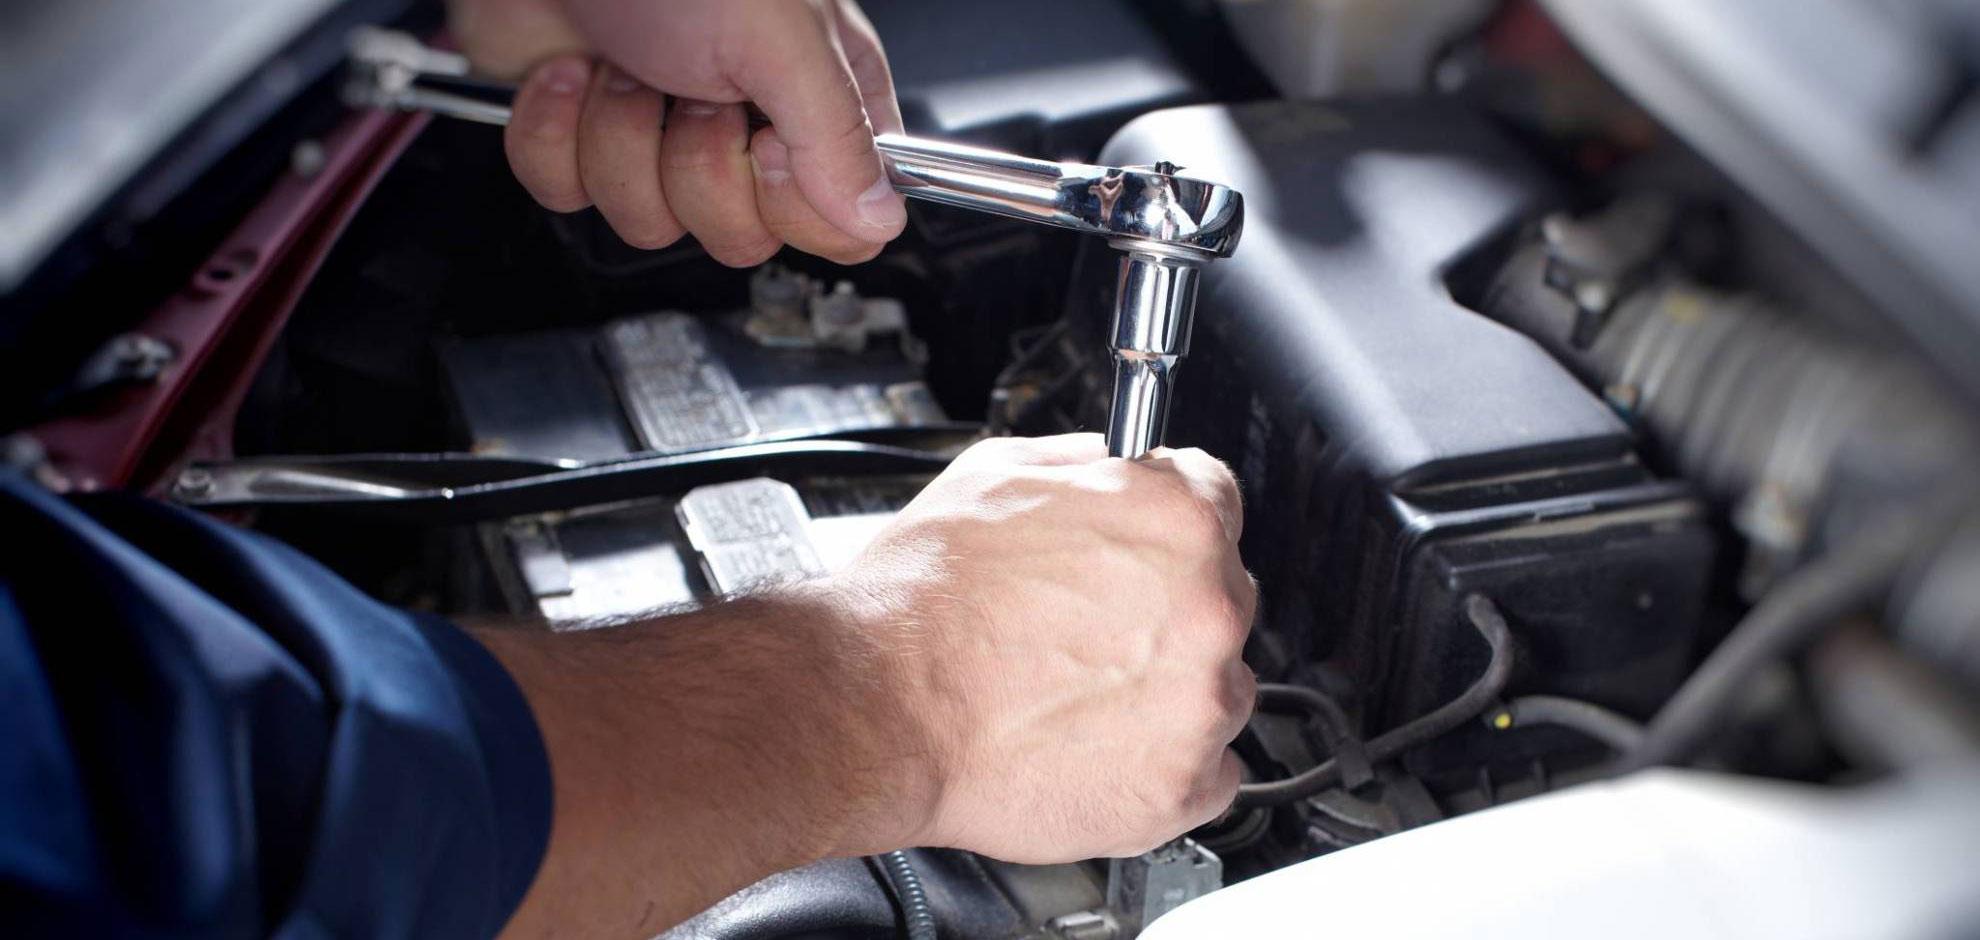 Automechaniker aus Leidenschaft gesucht